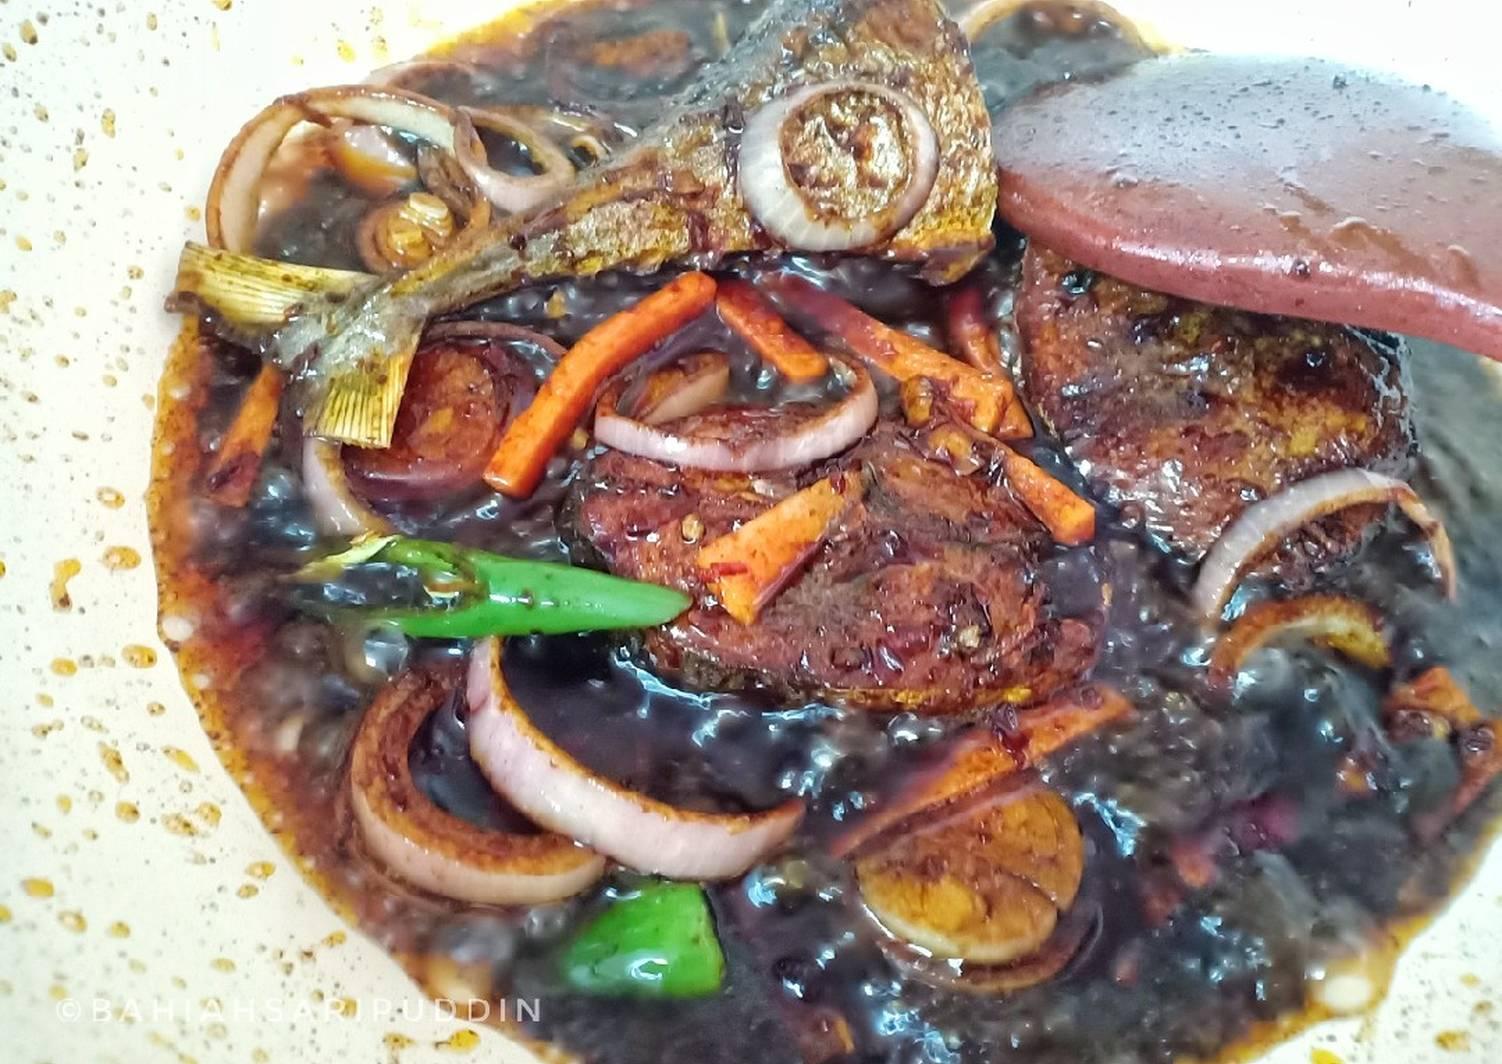 resepi ikan masak kicap club  resepi ikan masak kicap  sedap  mudah oleh komuniti Resepi Ayam Masak Kunyit Berkuah Enak dan Mudah